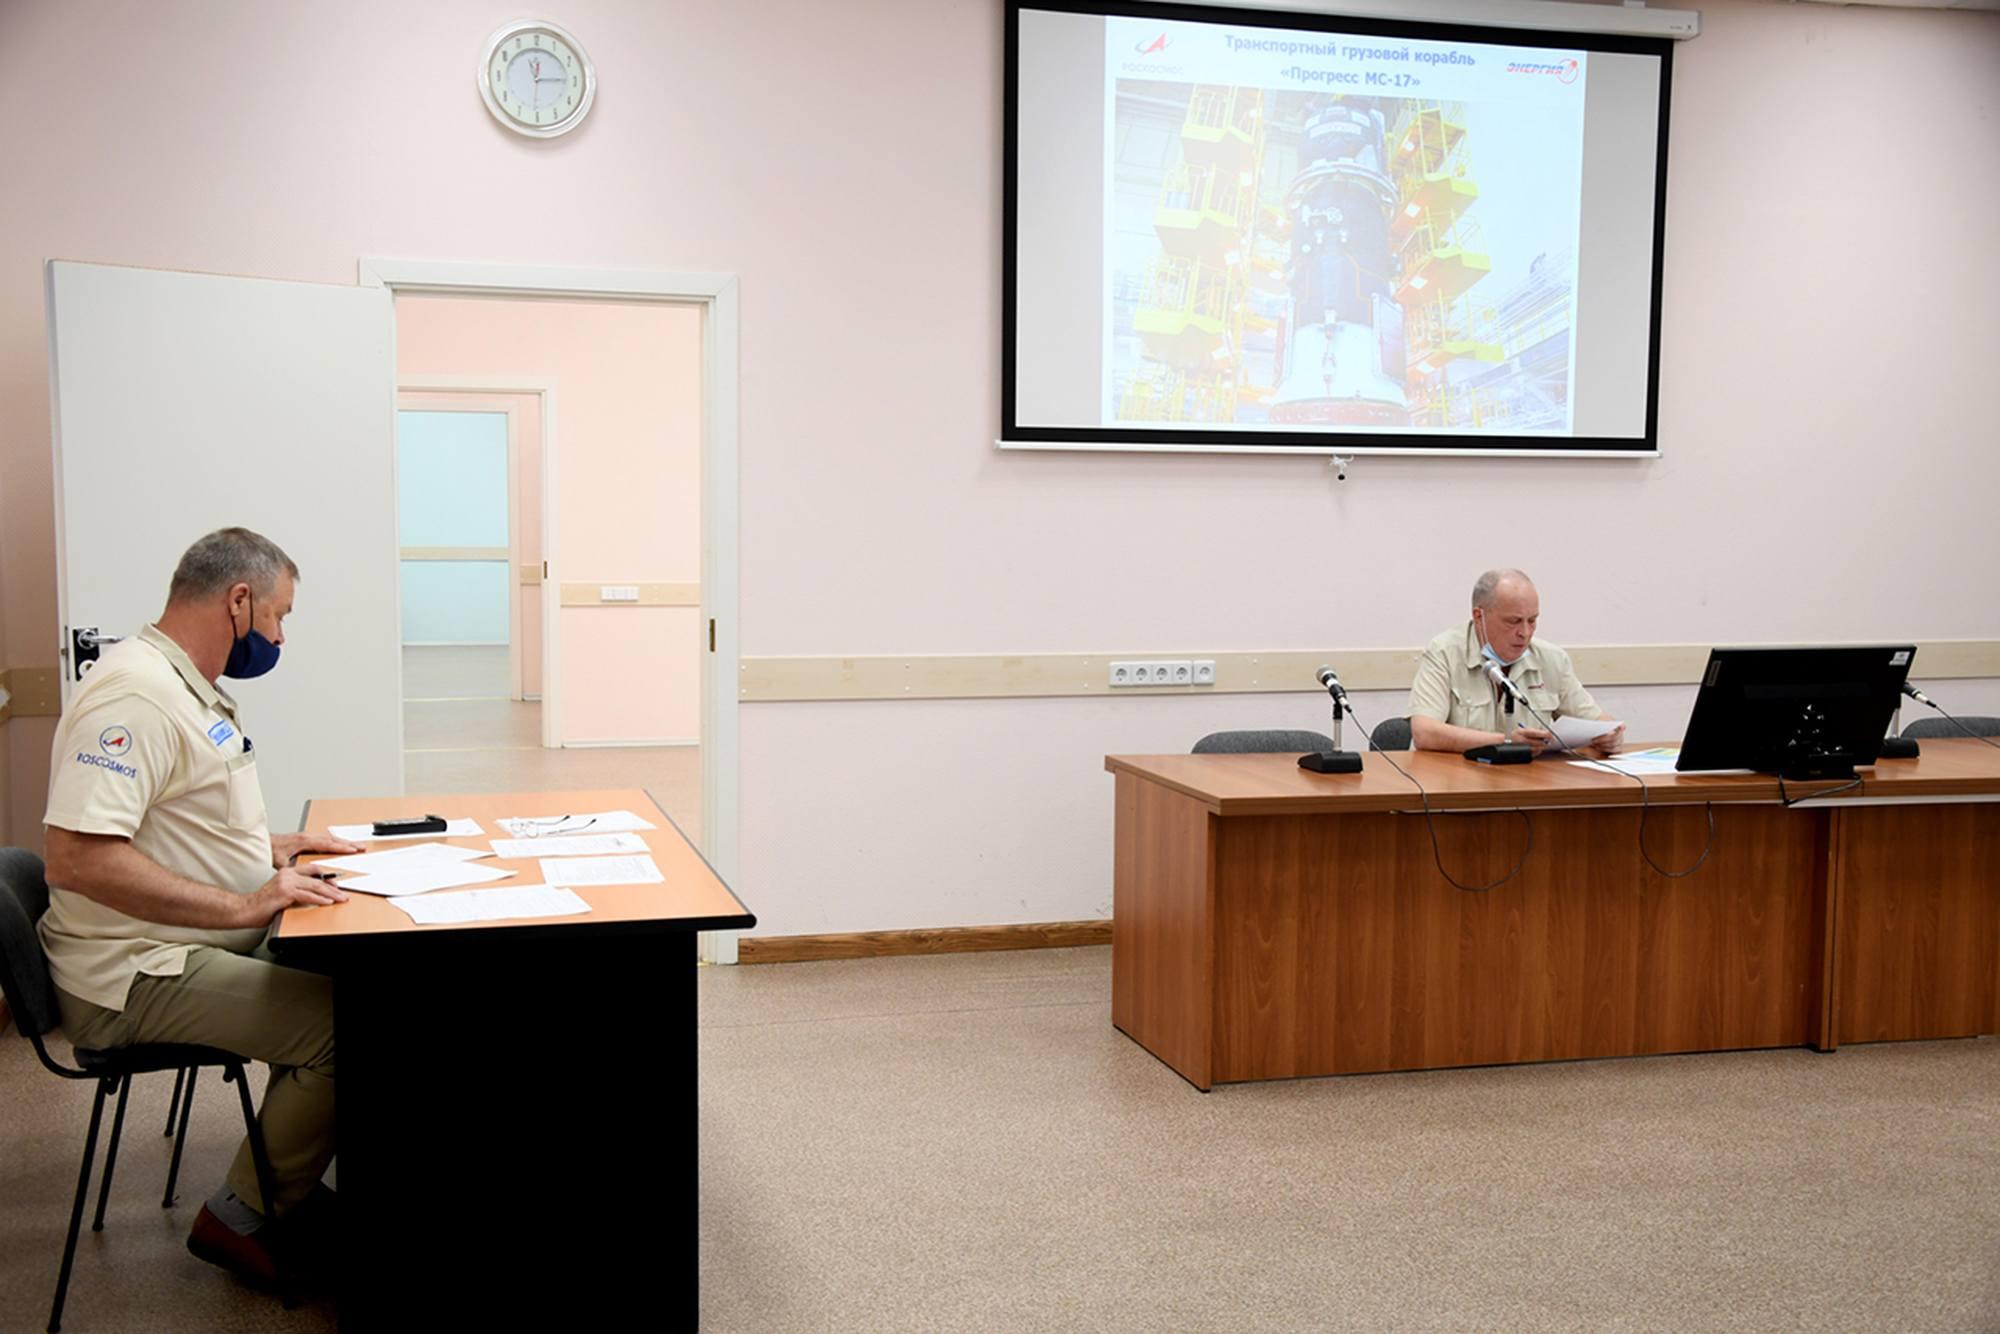 La réunion de la commission technique pour la préparation du cargo Progress MS-17 est sous la direction de Sergueï Romanov d'Energuya.